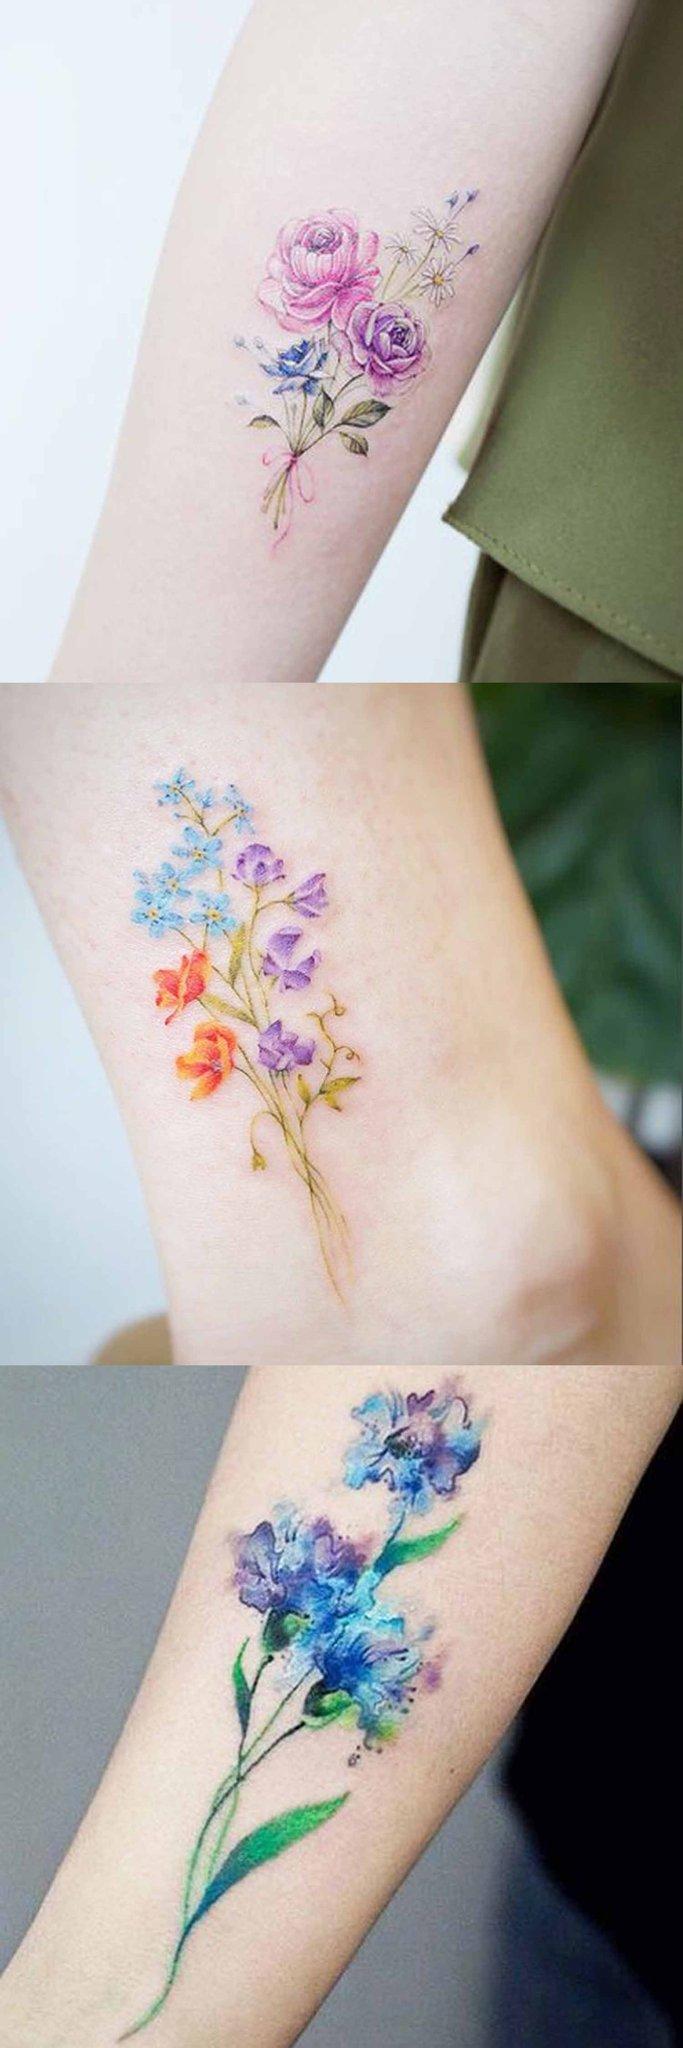 Hình xăm hoa nhỏ có màu